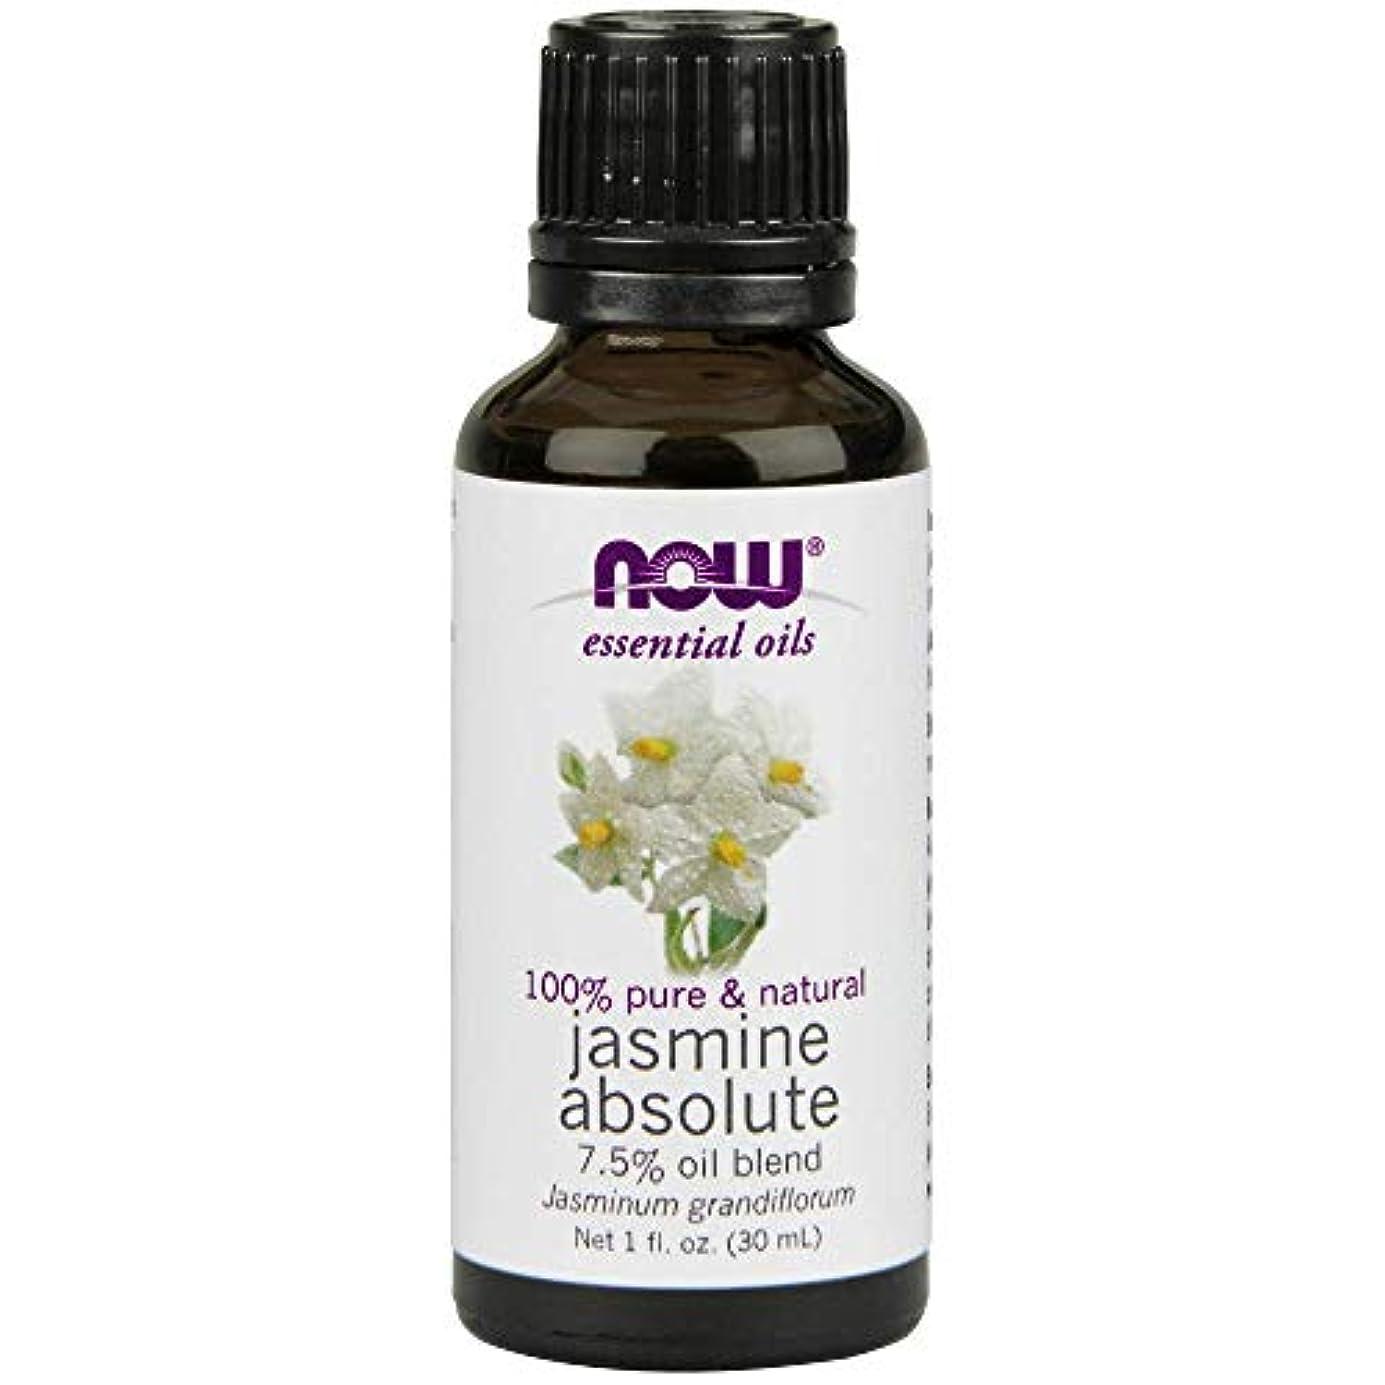 一貫性のない野菜スリンクNow - Jasmine Absolute Oil 7.5% Oil Blend 1 oz (30 ml) [並行輸入品]